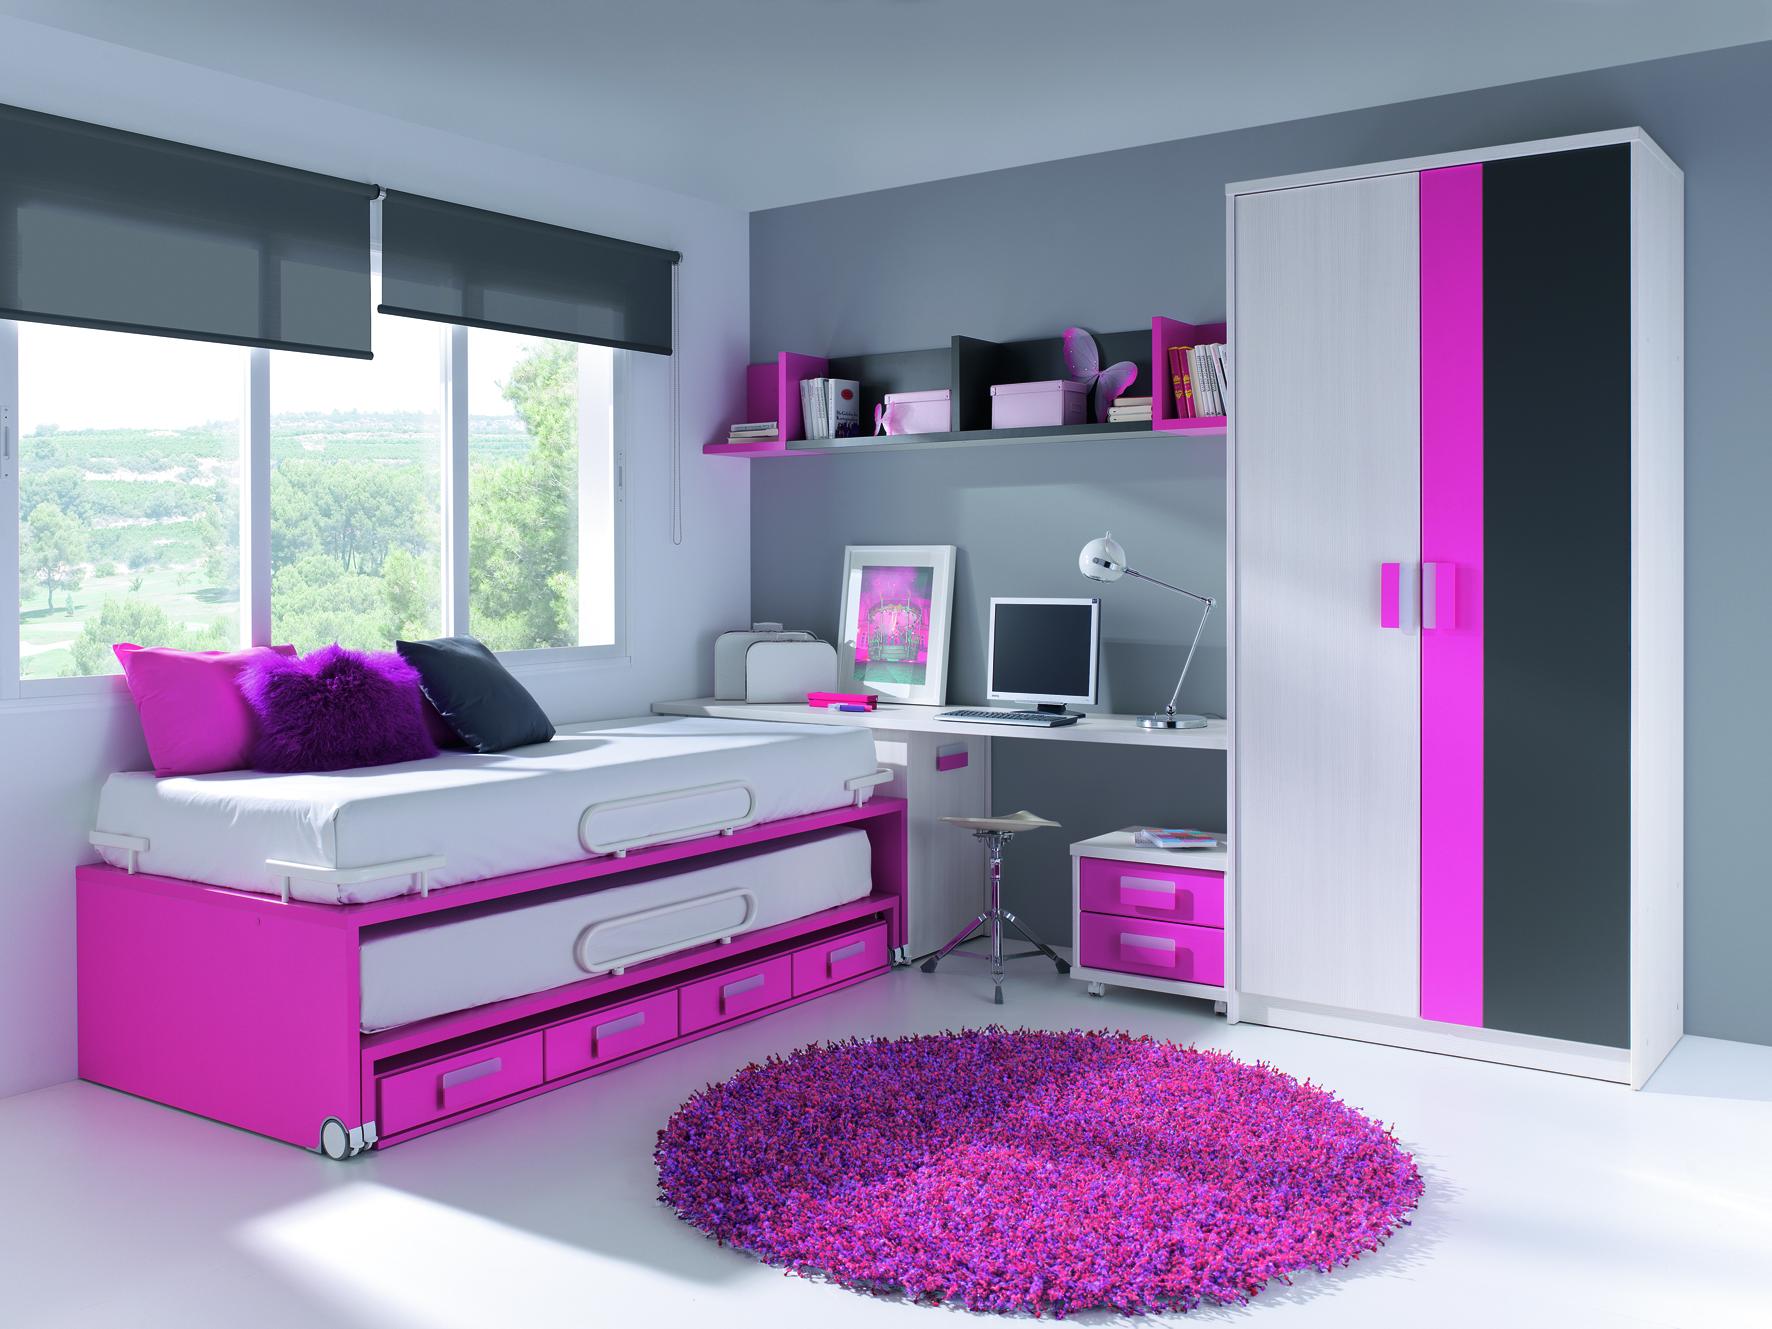 Juvenil e infantil hogares muebles - Ideas habitacion juvenil ...